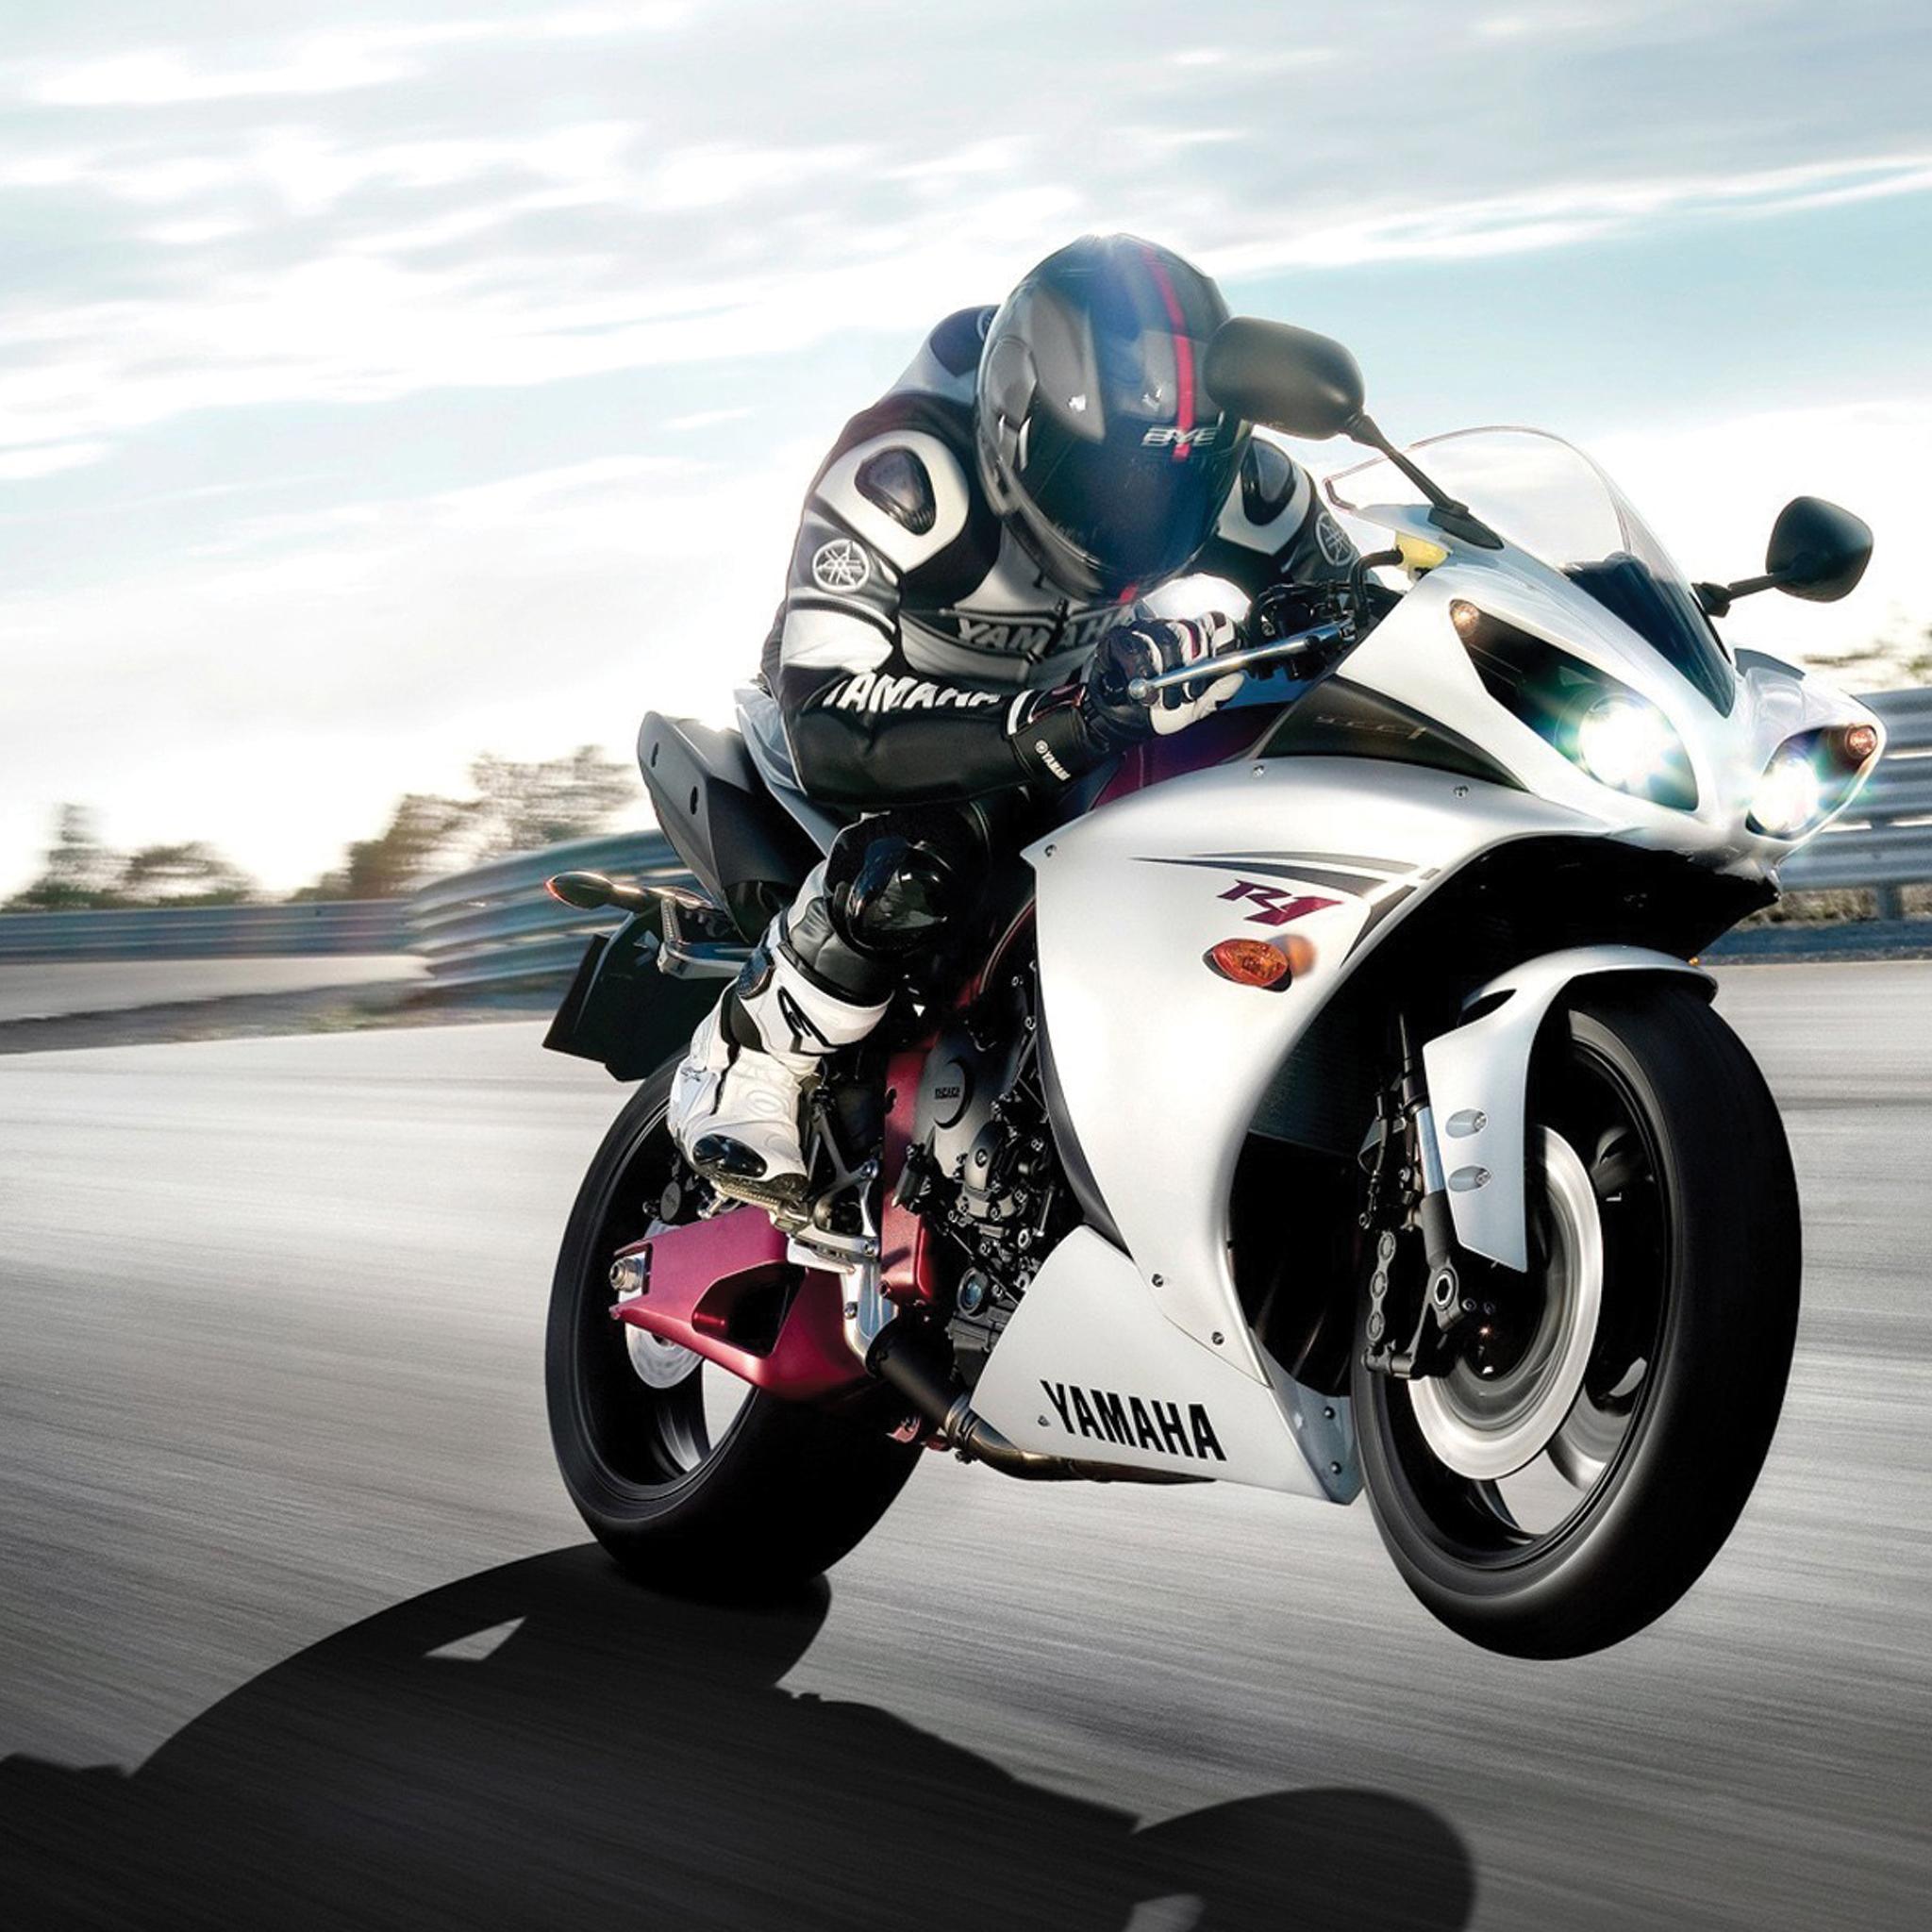 Yamaha-Racer-3Wallpapers-iPad-Retina